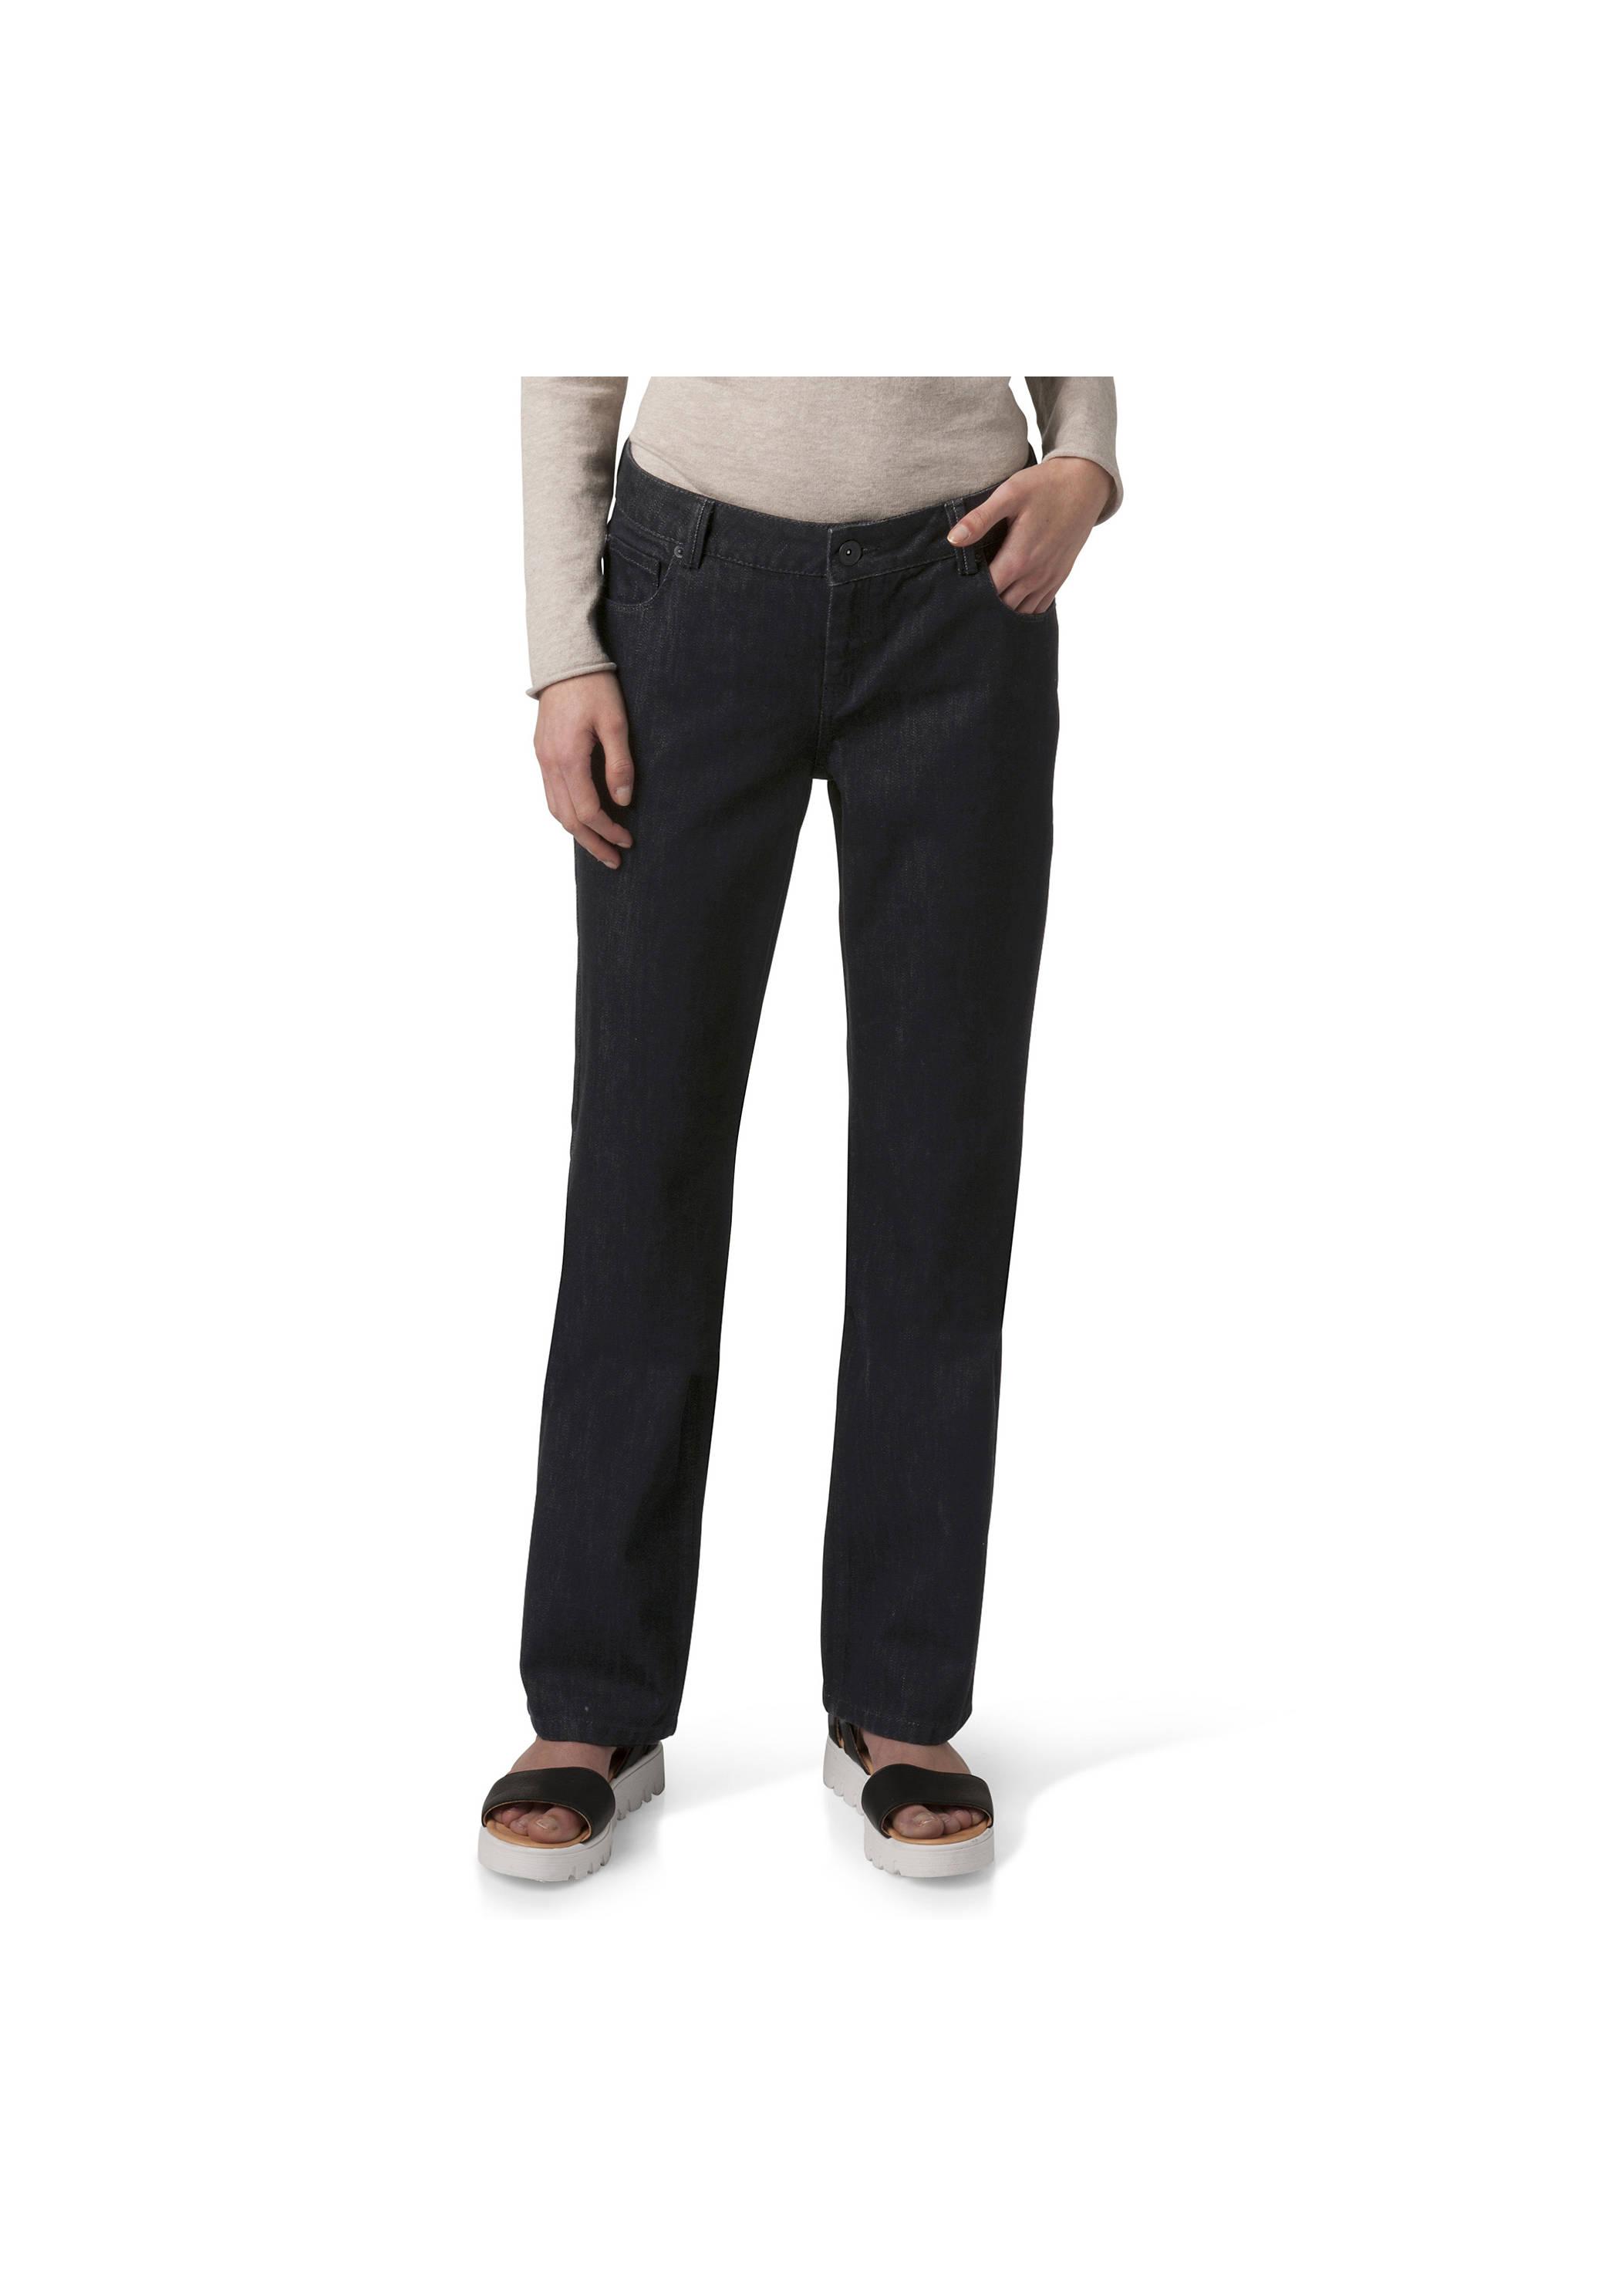 sale g nstige bio damen jeans online kaufen hessnatur sterreich. Black Bedroom Furniture Sets. Home Design Ideas